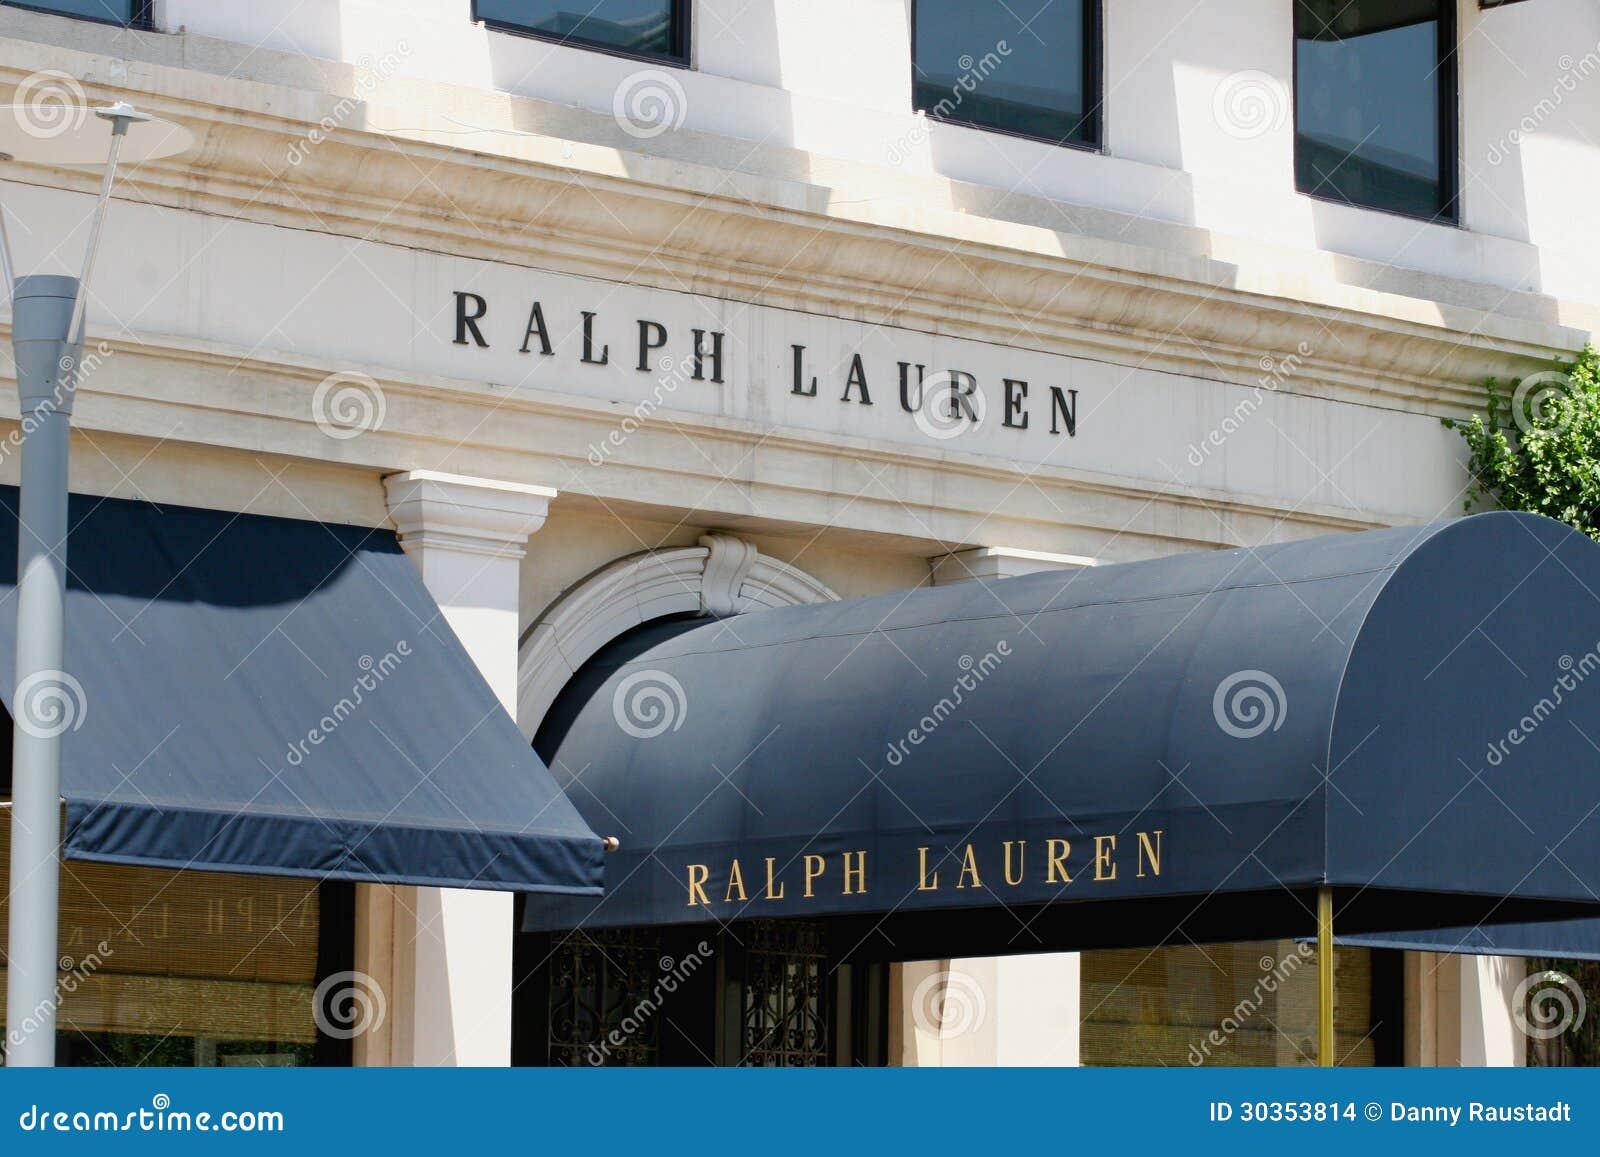 Ralph lauren retail clothing store in phoenix arizona shopping mall